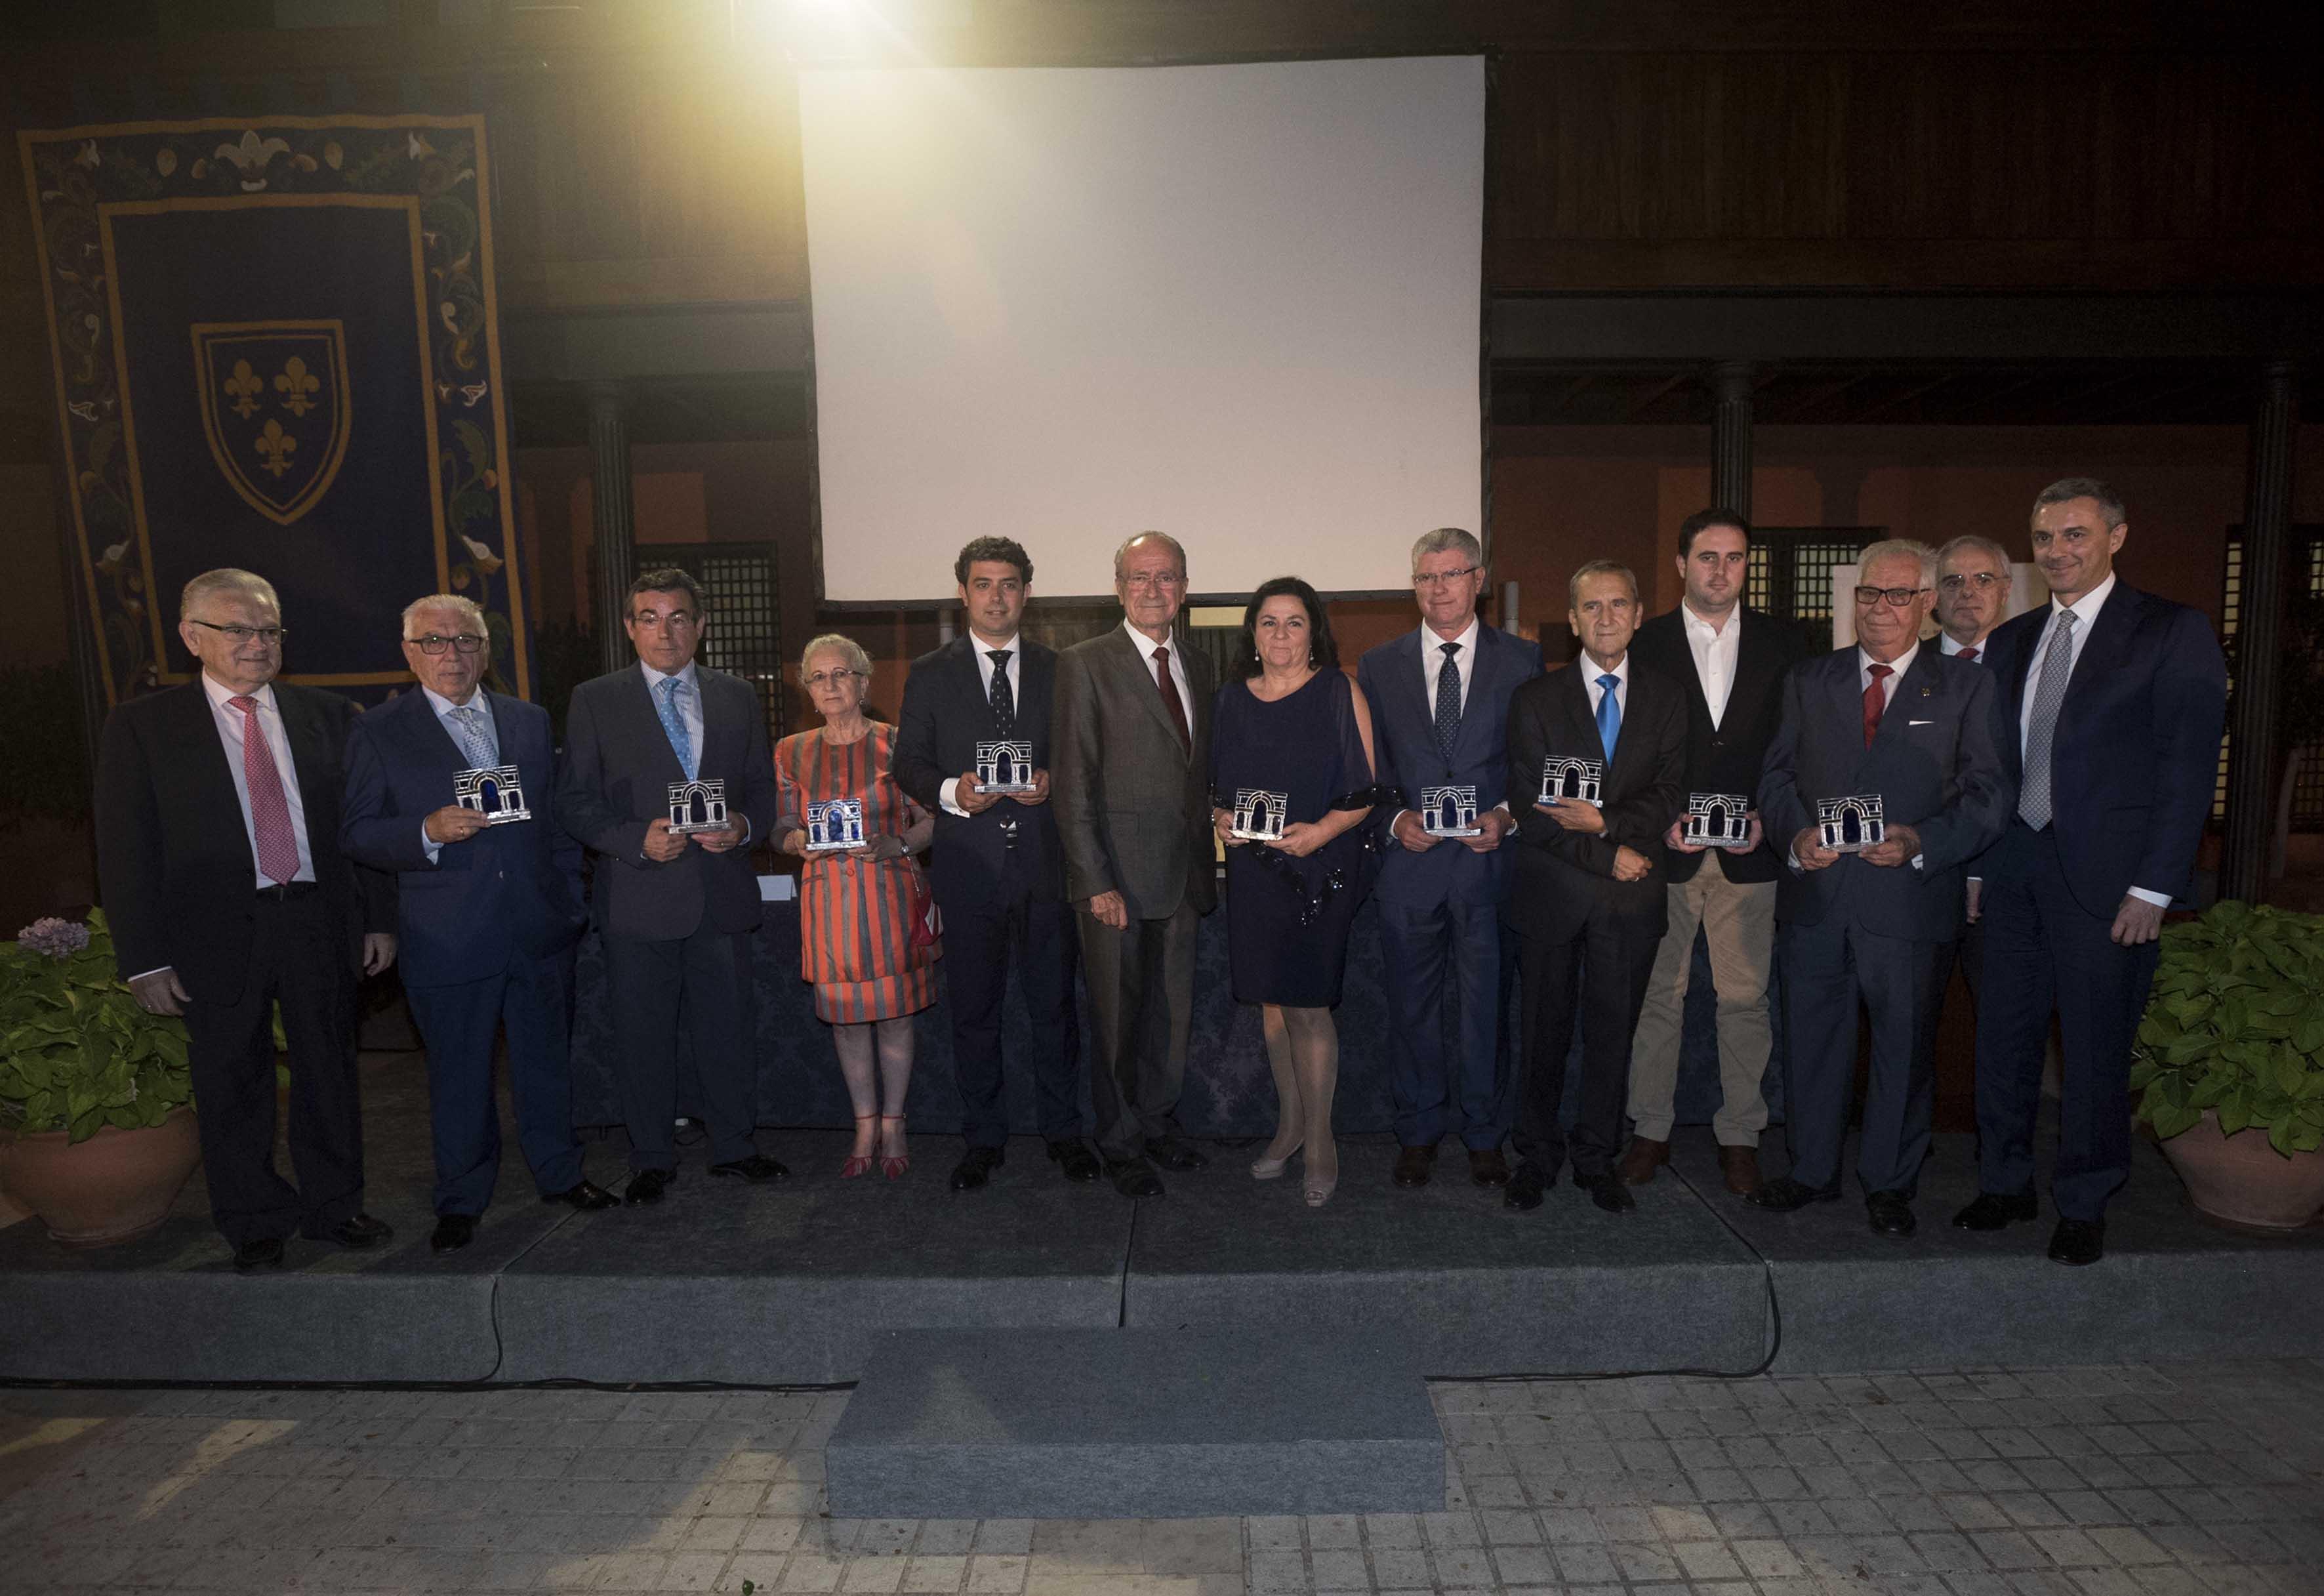 La empresa Costasol obtiene el premio Familia&Empresa de San Telmo